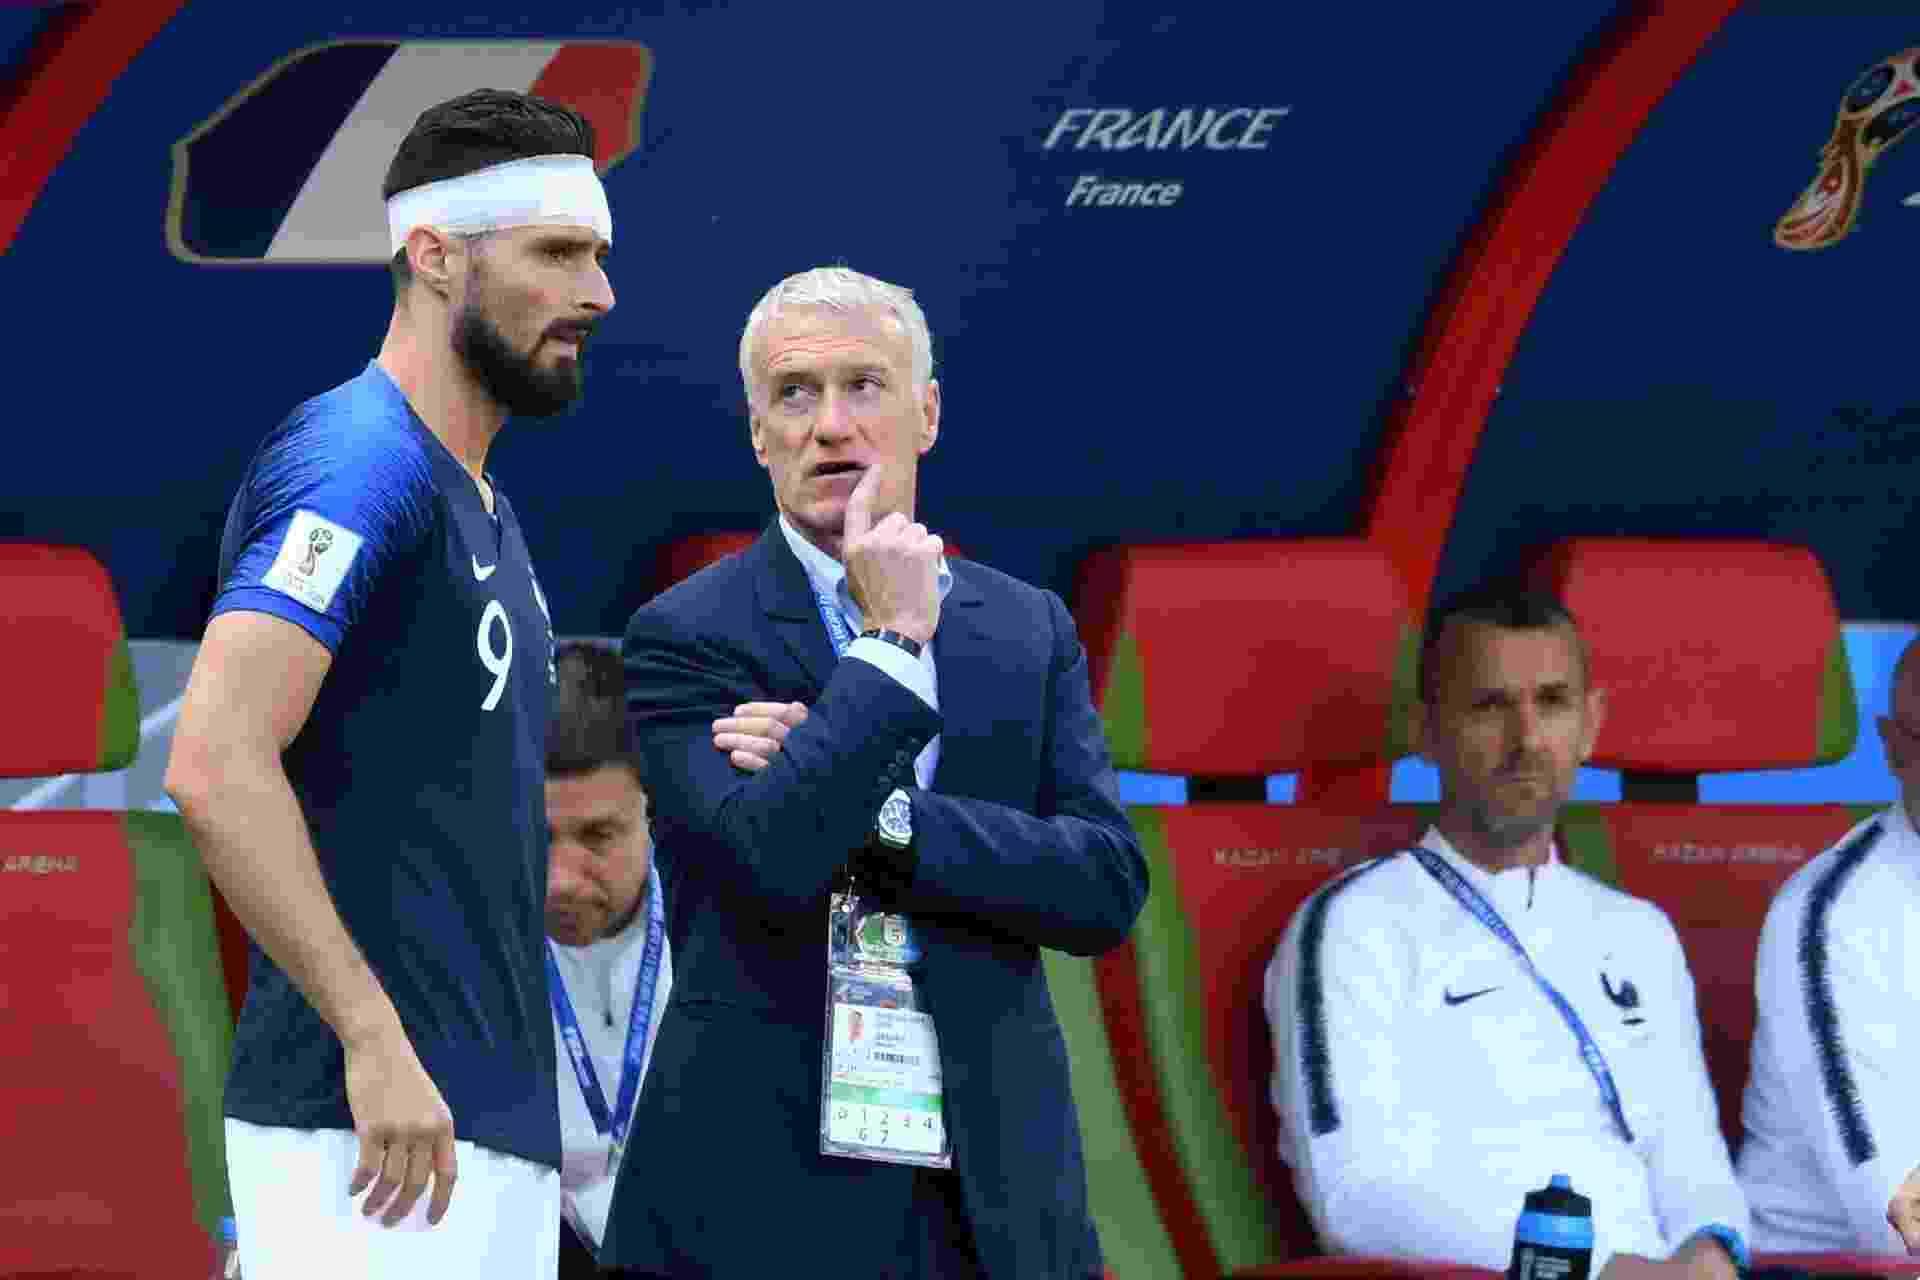 O técnico Didier Deschamps com Giroud na vitória da França sobre a Austrália - Kirill Kudryavtsev/AFP